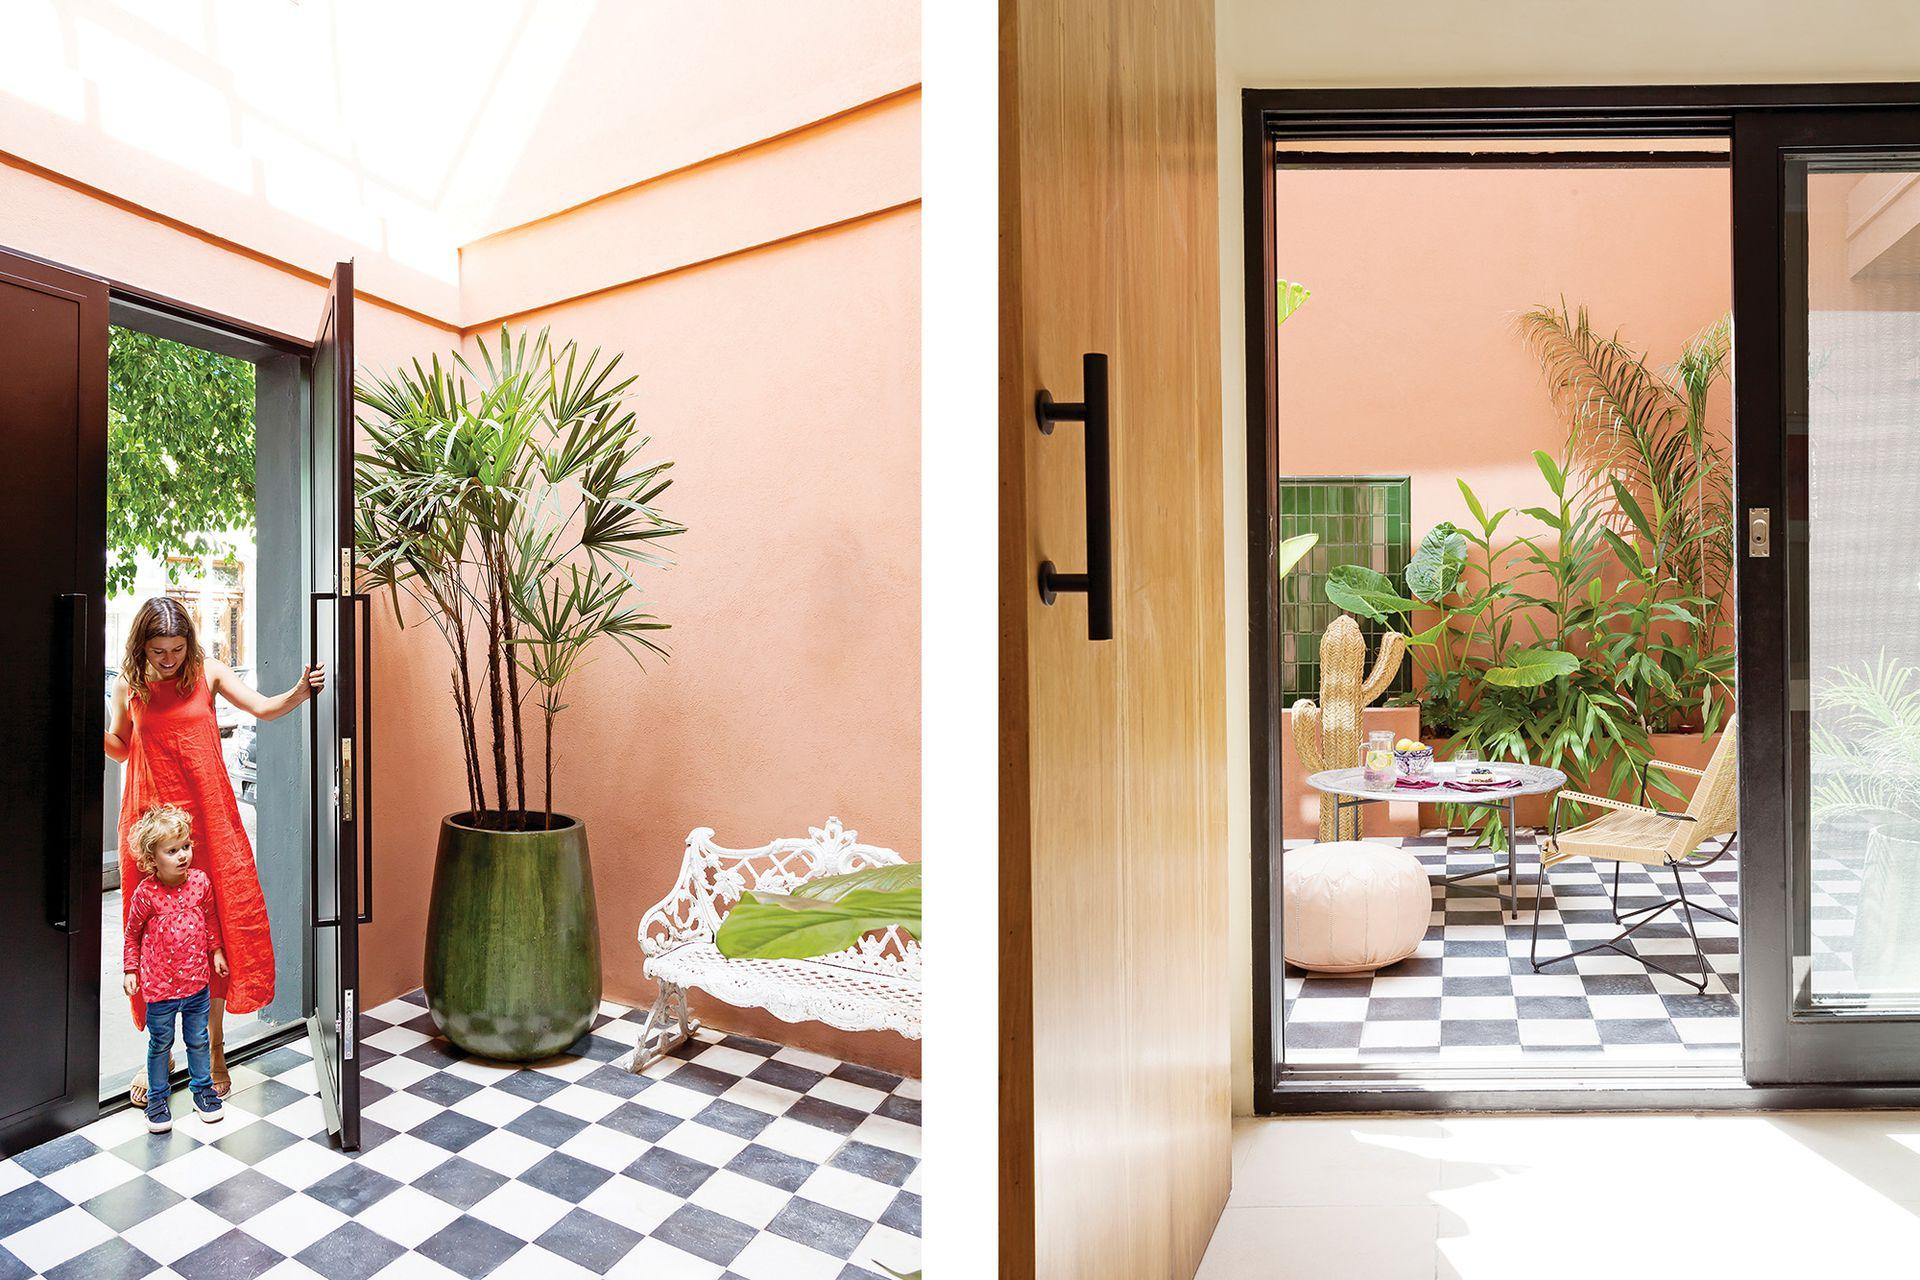 Puerta de calle en hierro, igual que todas las aberturas de la casa (Estudio Trama). El patio tiene piso damero de calcáreos (Emporio Zamudio), banco heredado y macetas esmaltadas (Moebius Studio).